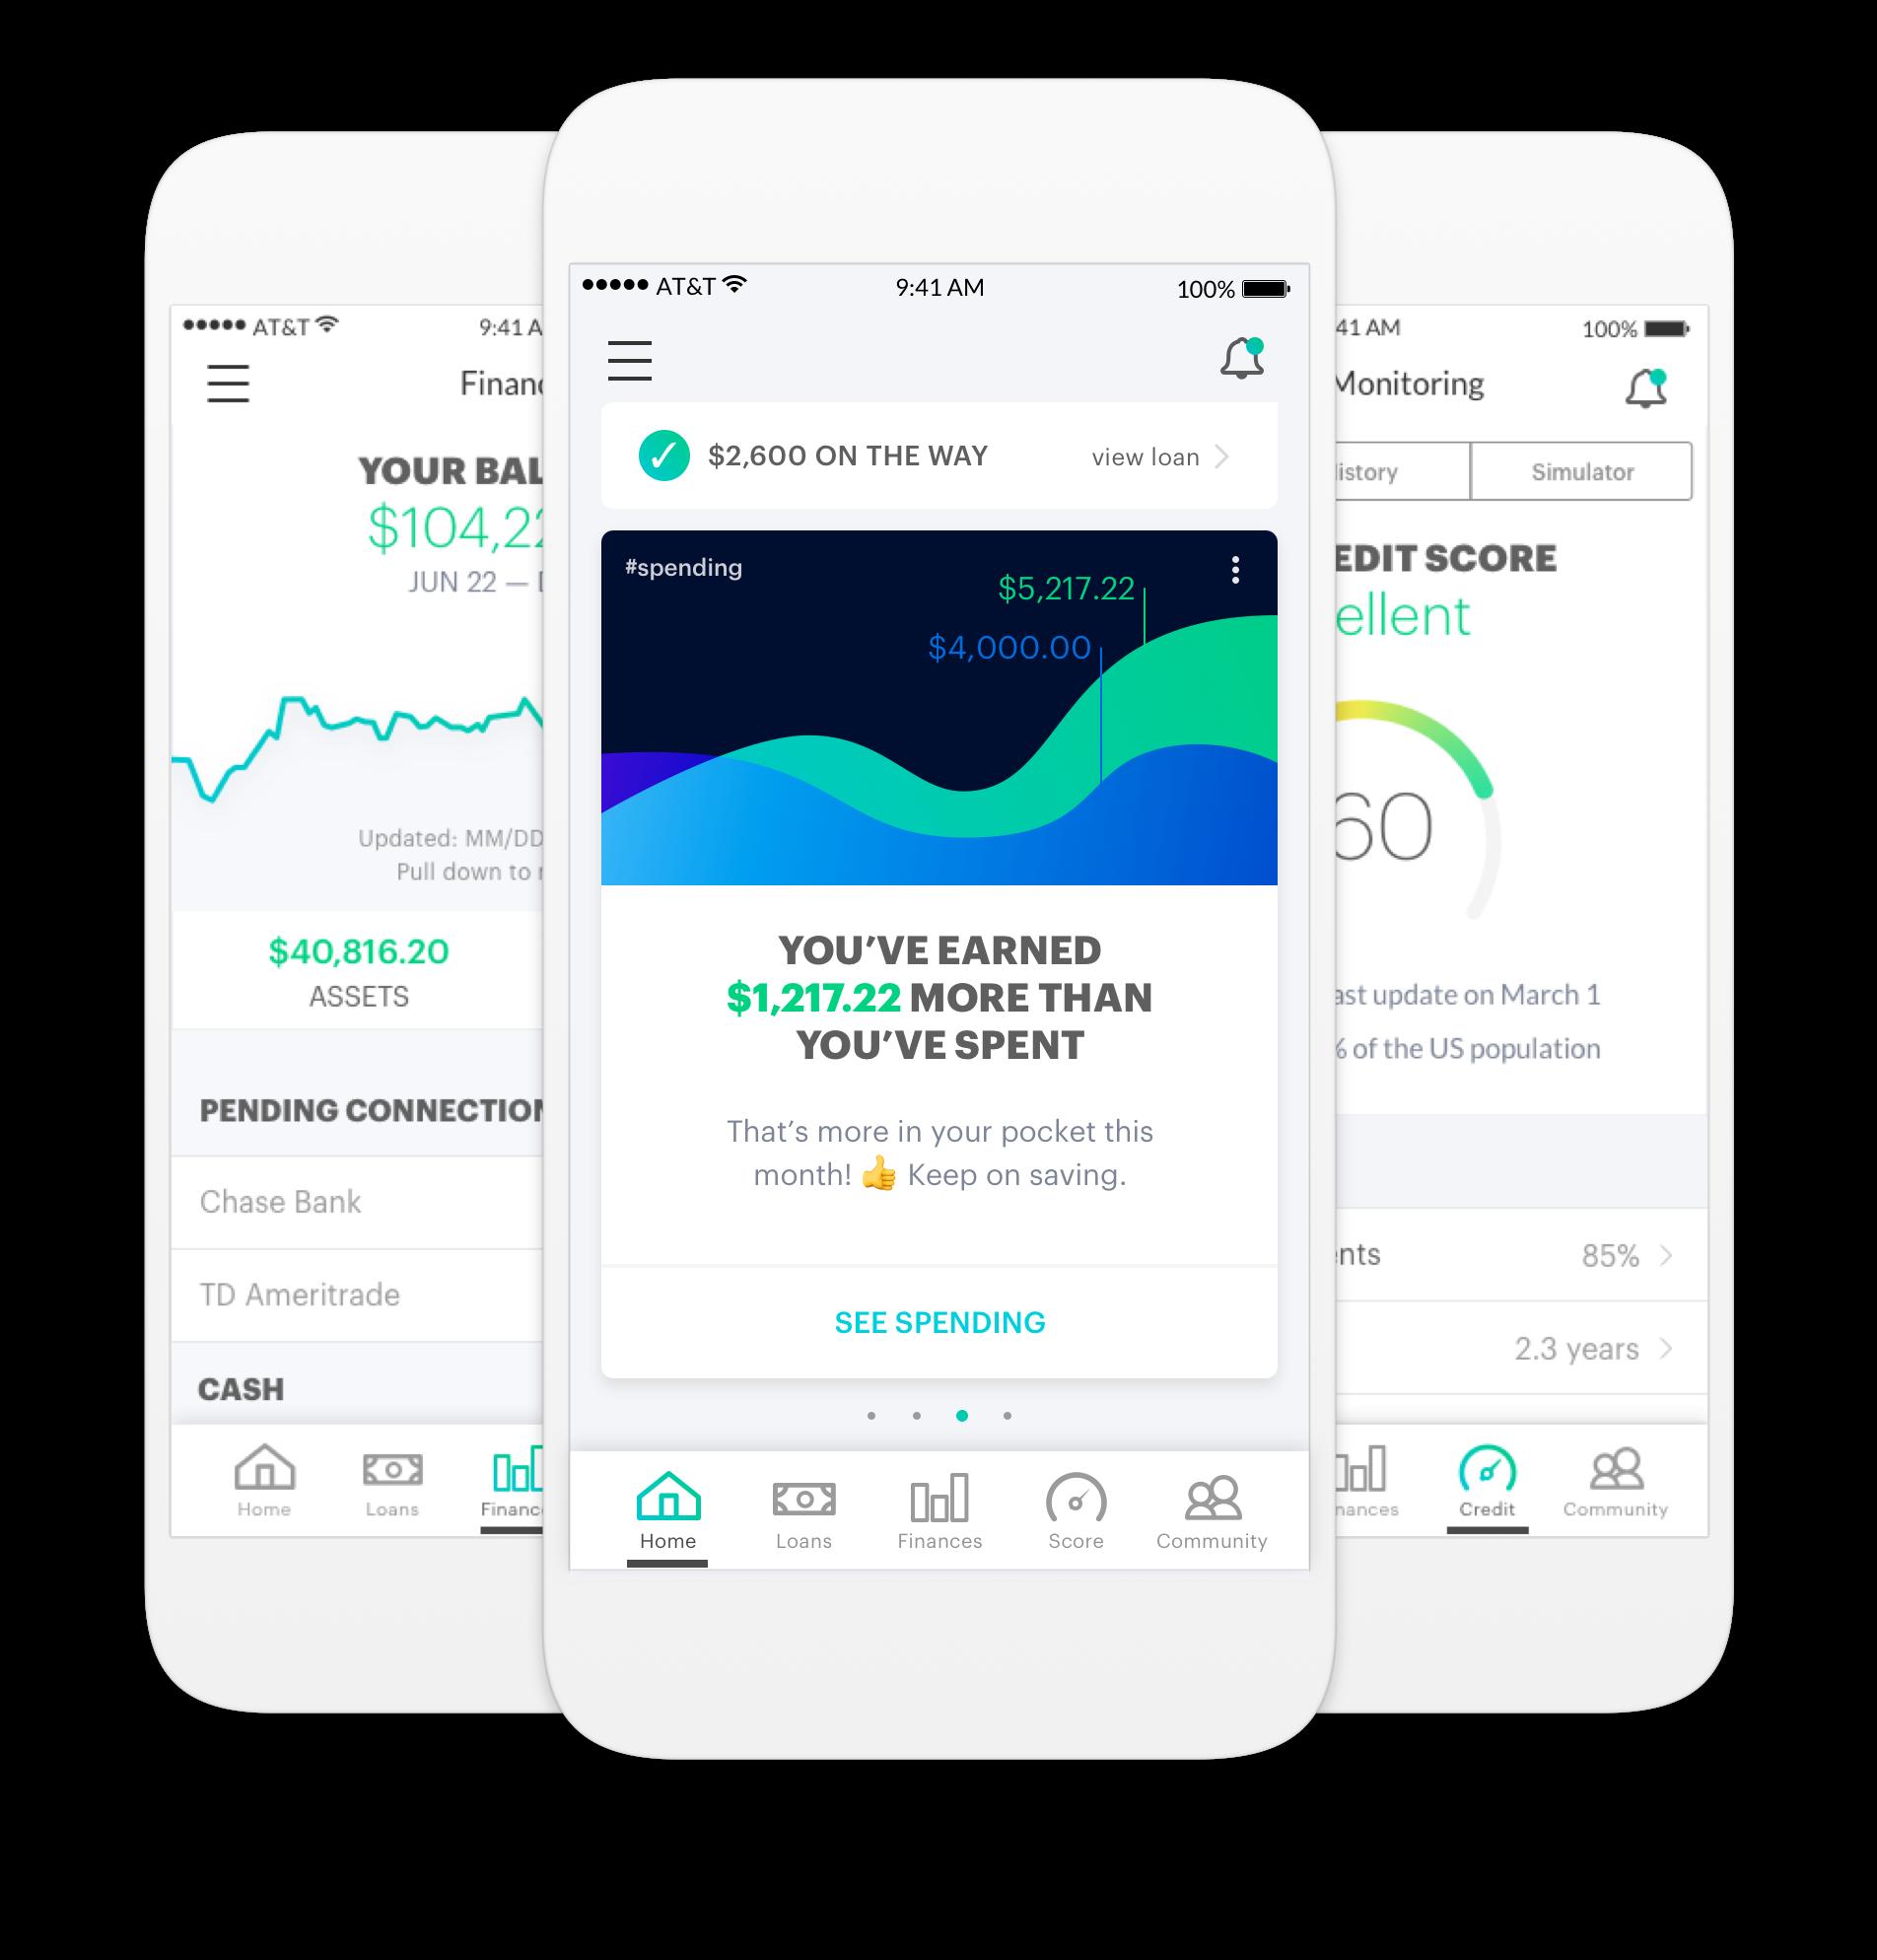 La app de finanzas personales MoneyLion levanta 42 millones de dólares